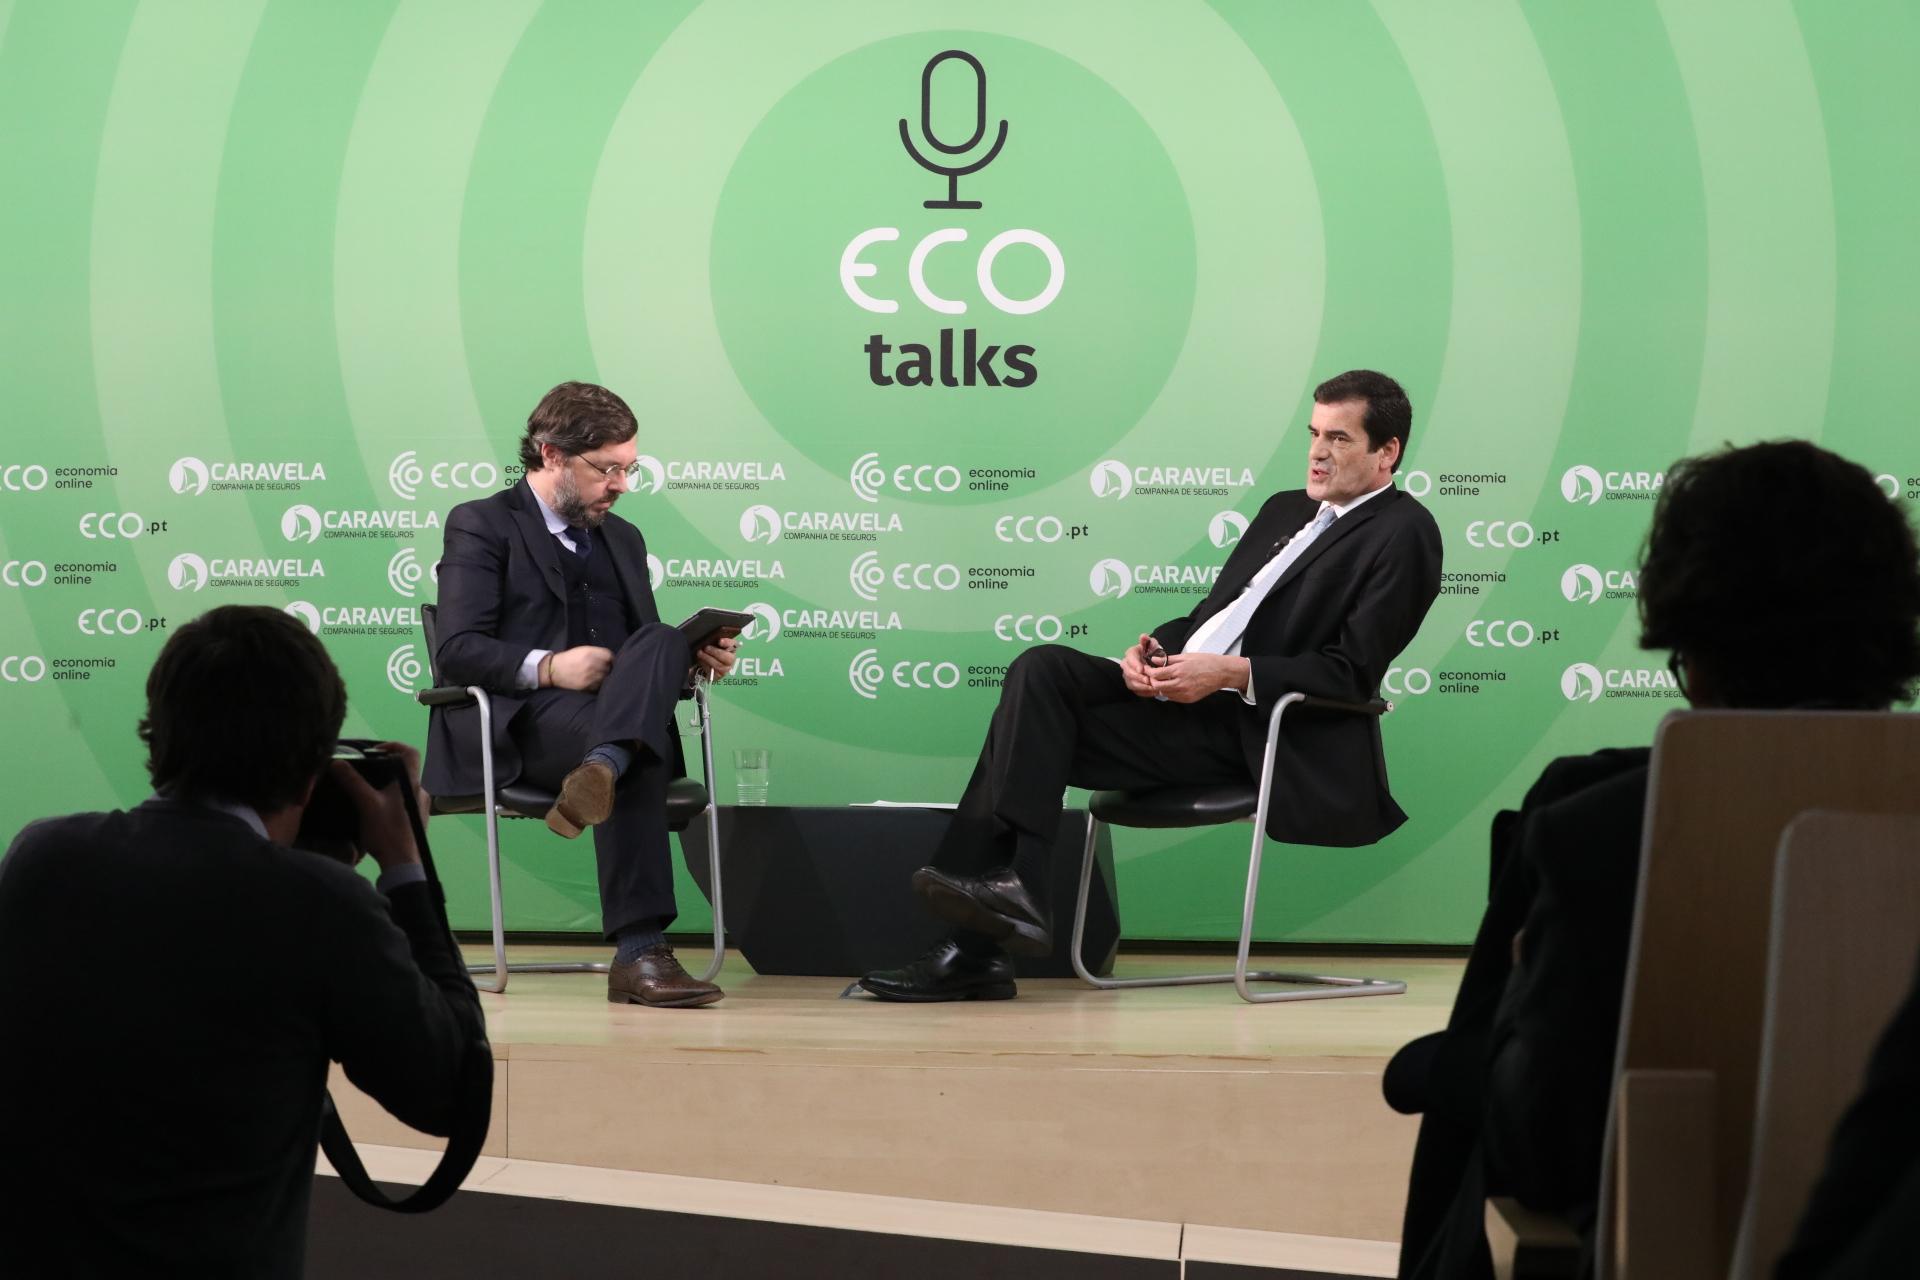 Rui Moreira, entrevistado pelo publisher do ECO, António Costa, no ECO talks.